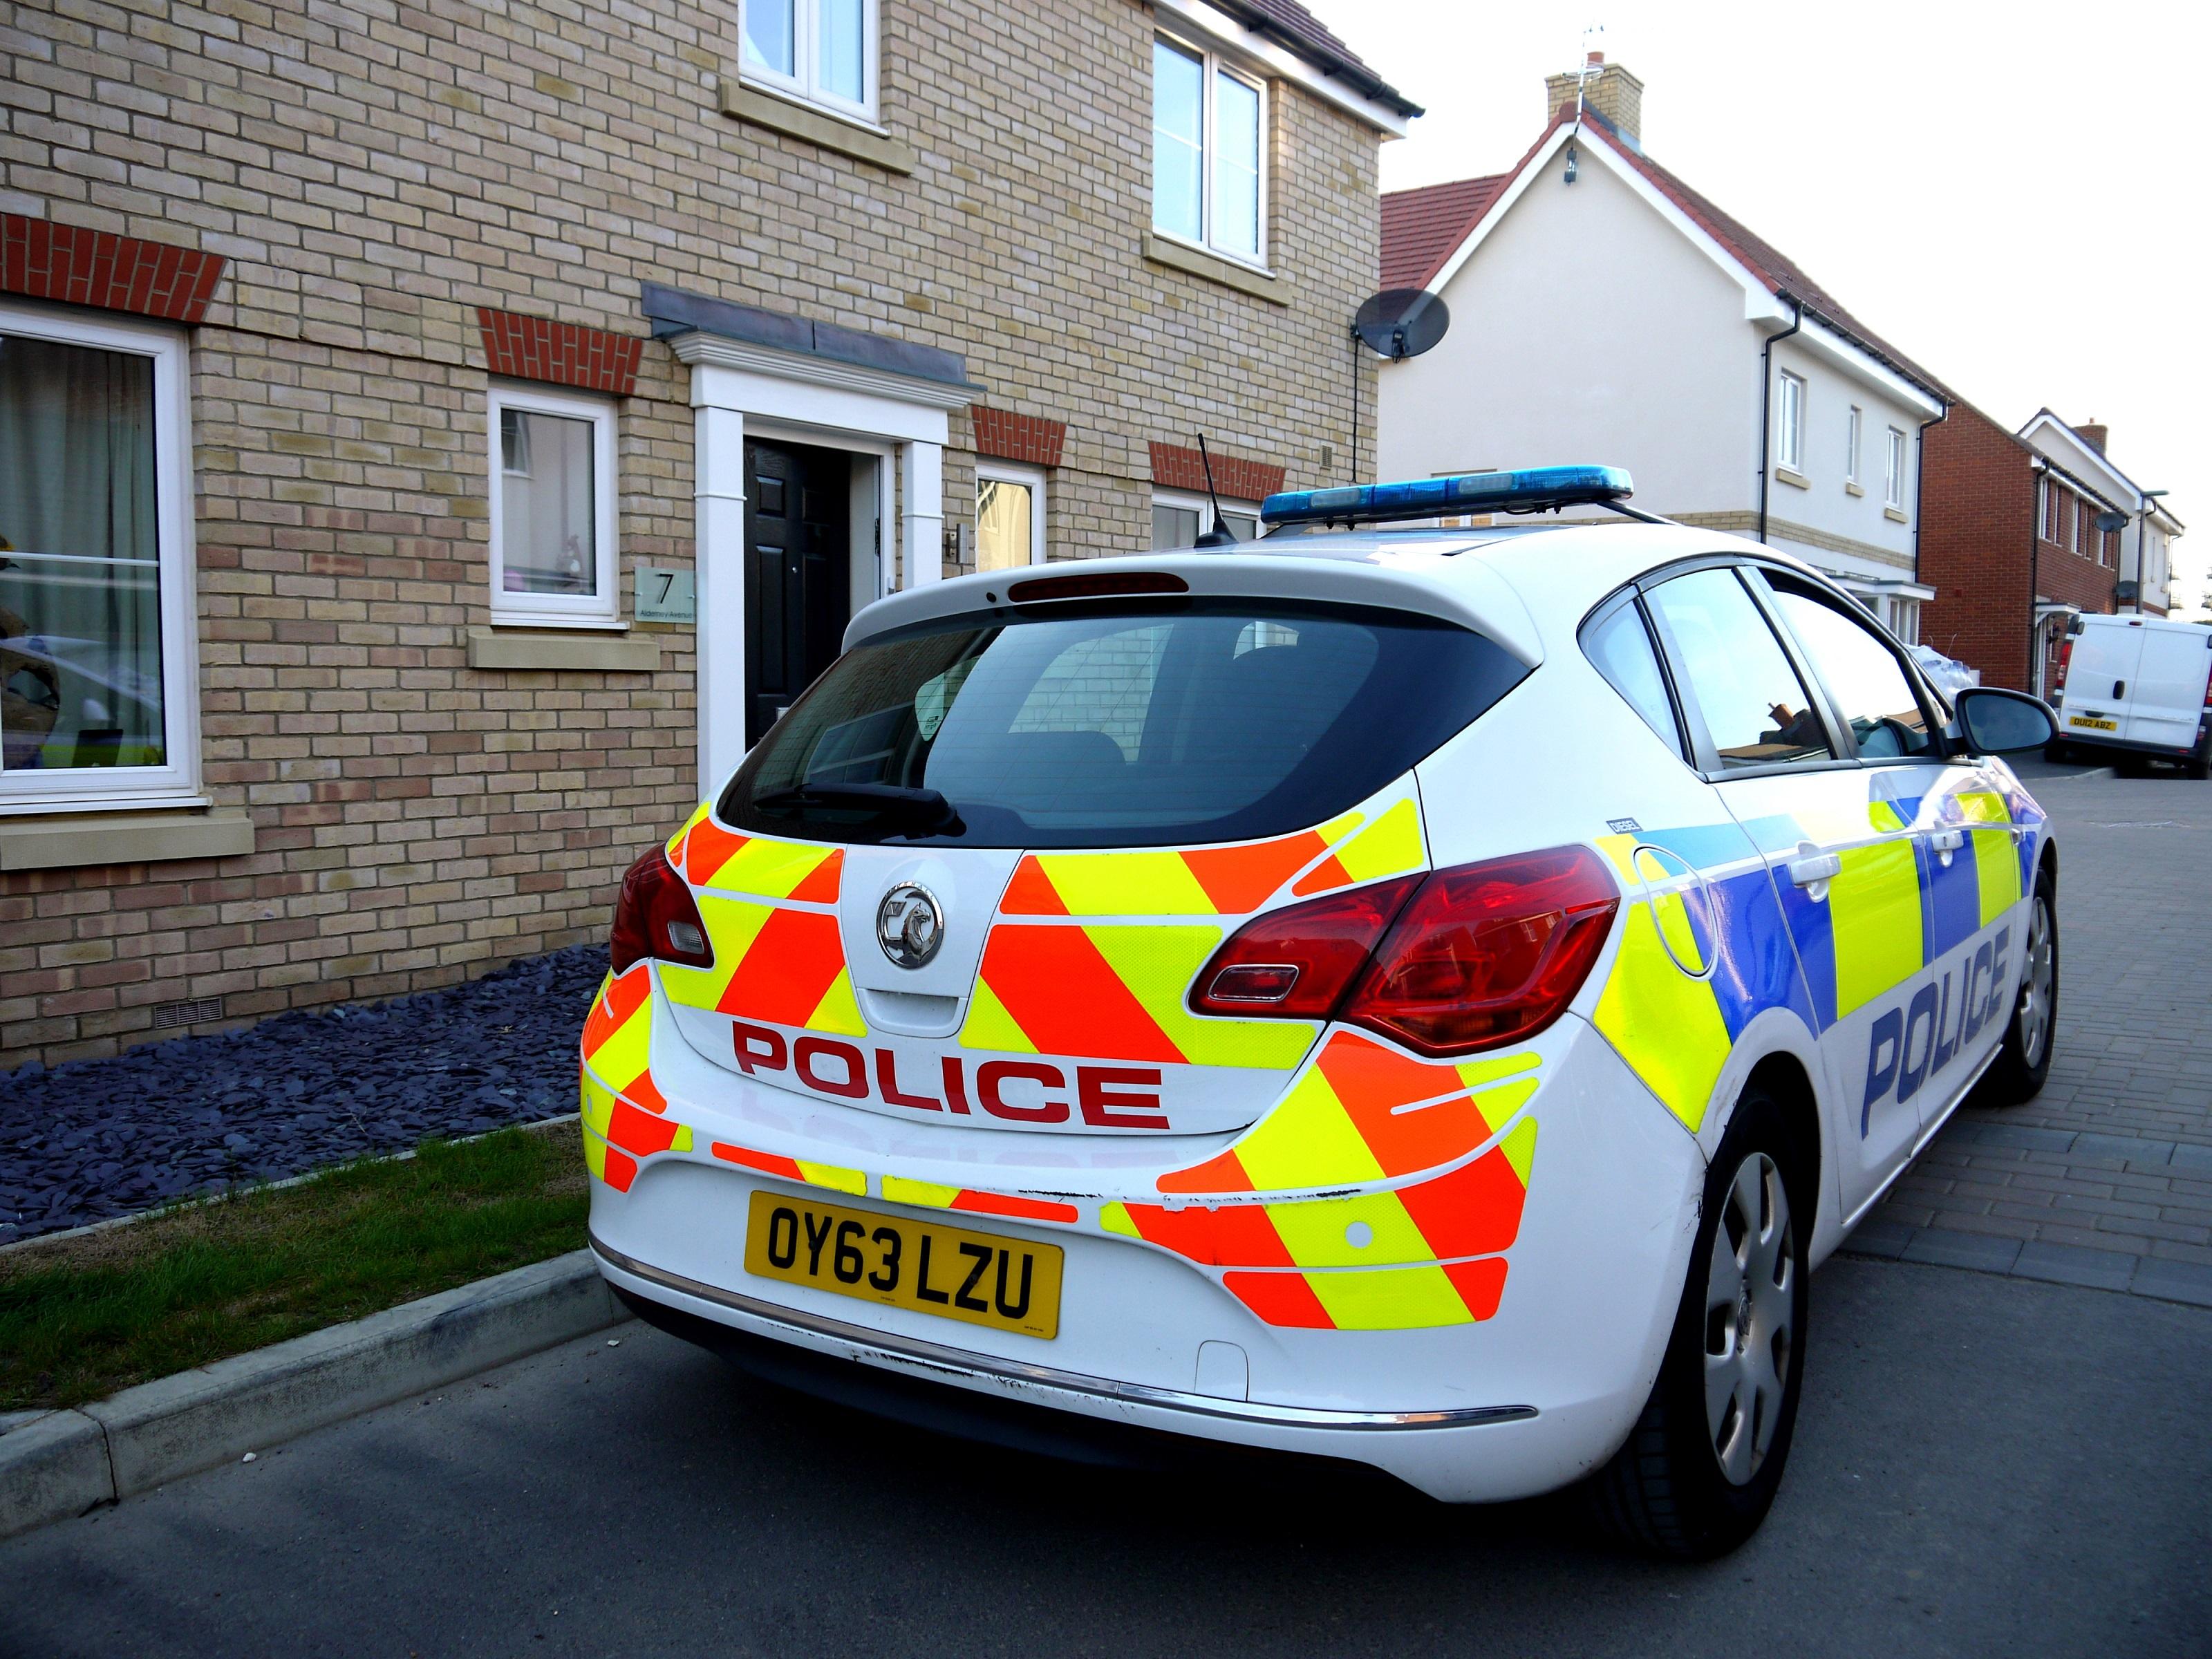 Police in Milton Keynes